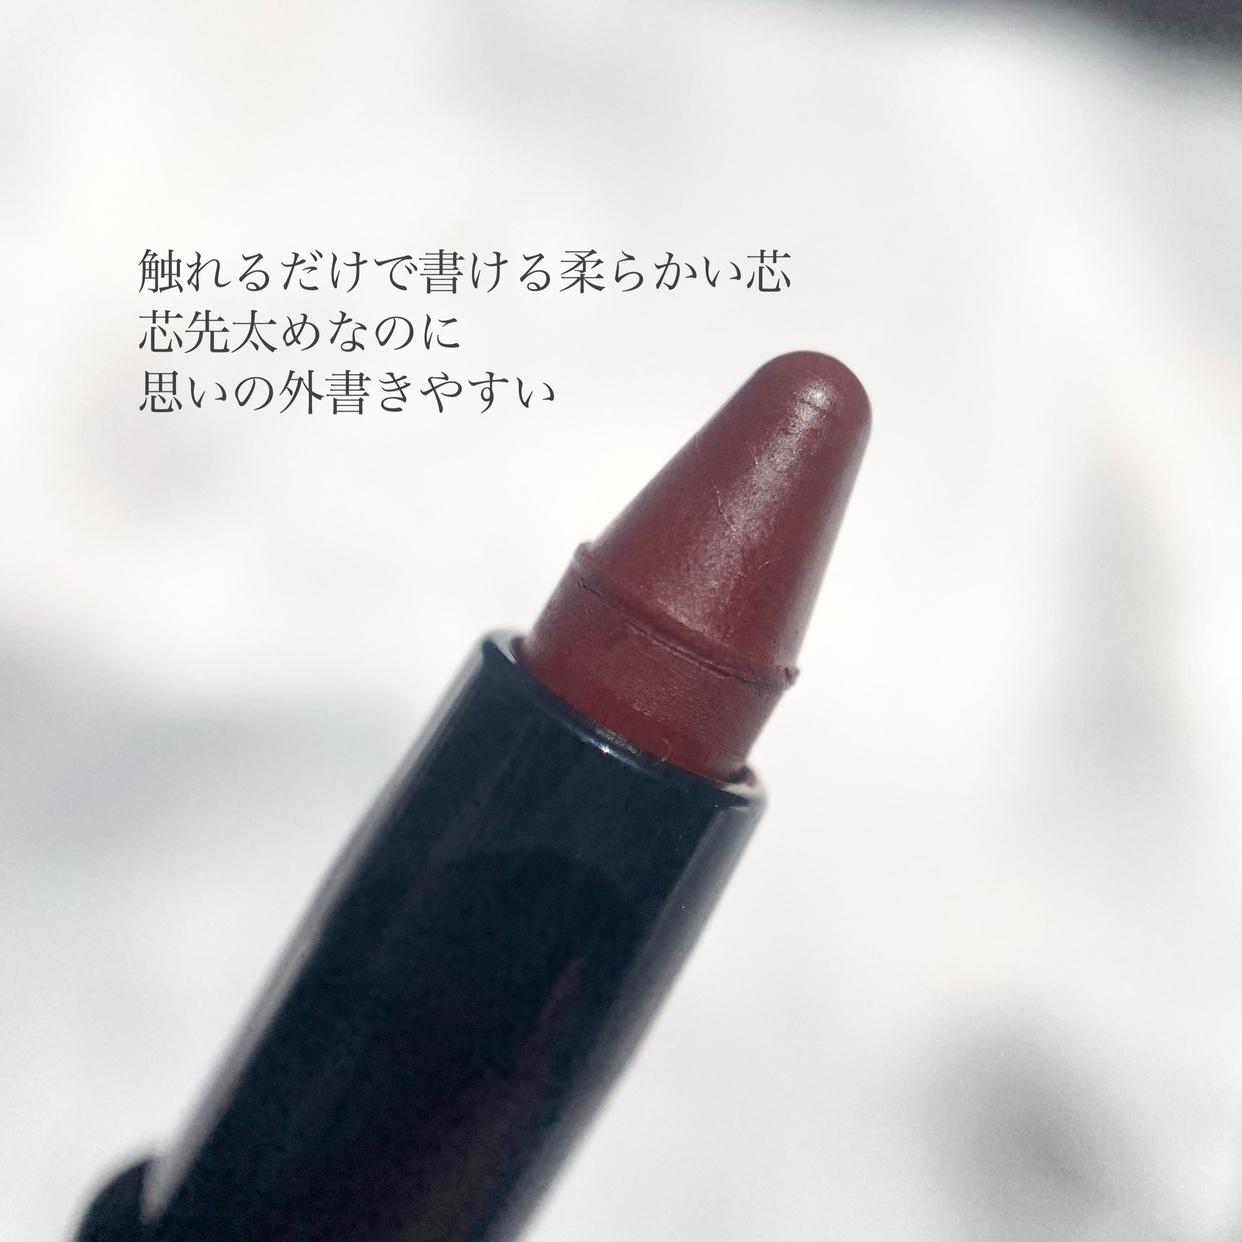 資生堂(SHISEIDO) カジャル インク アーティストを使ったHimachinさんのクチコミ画像3